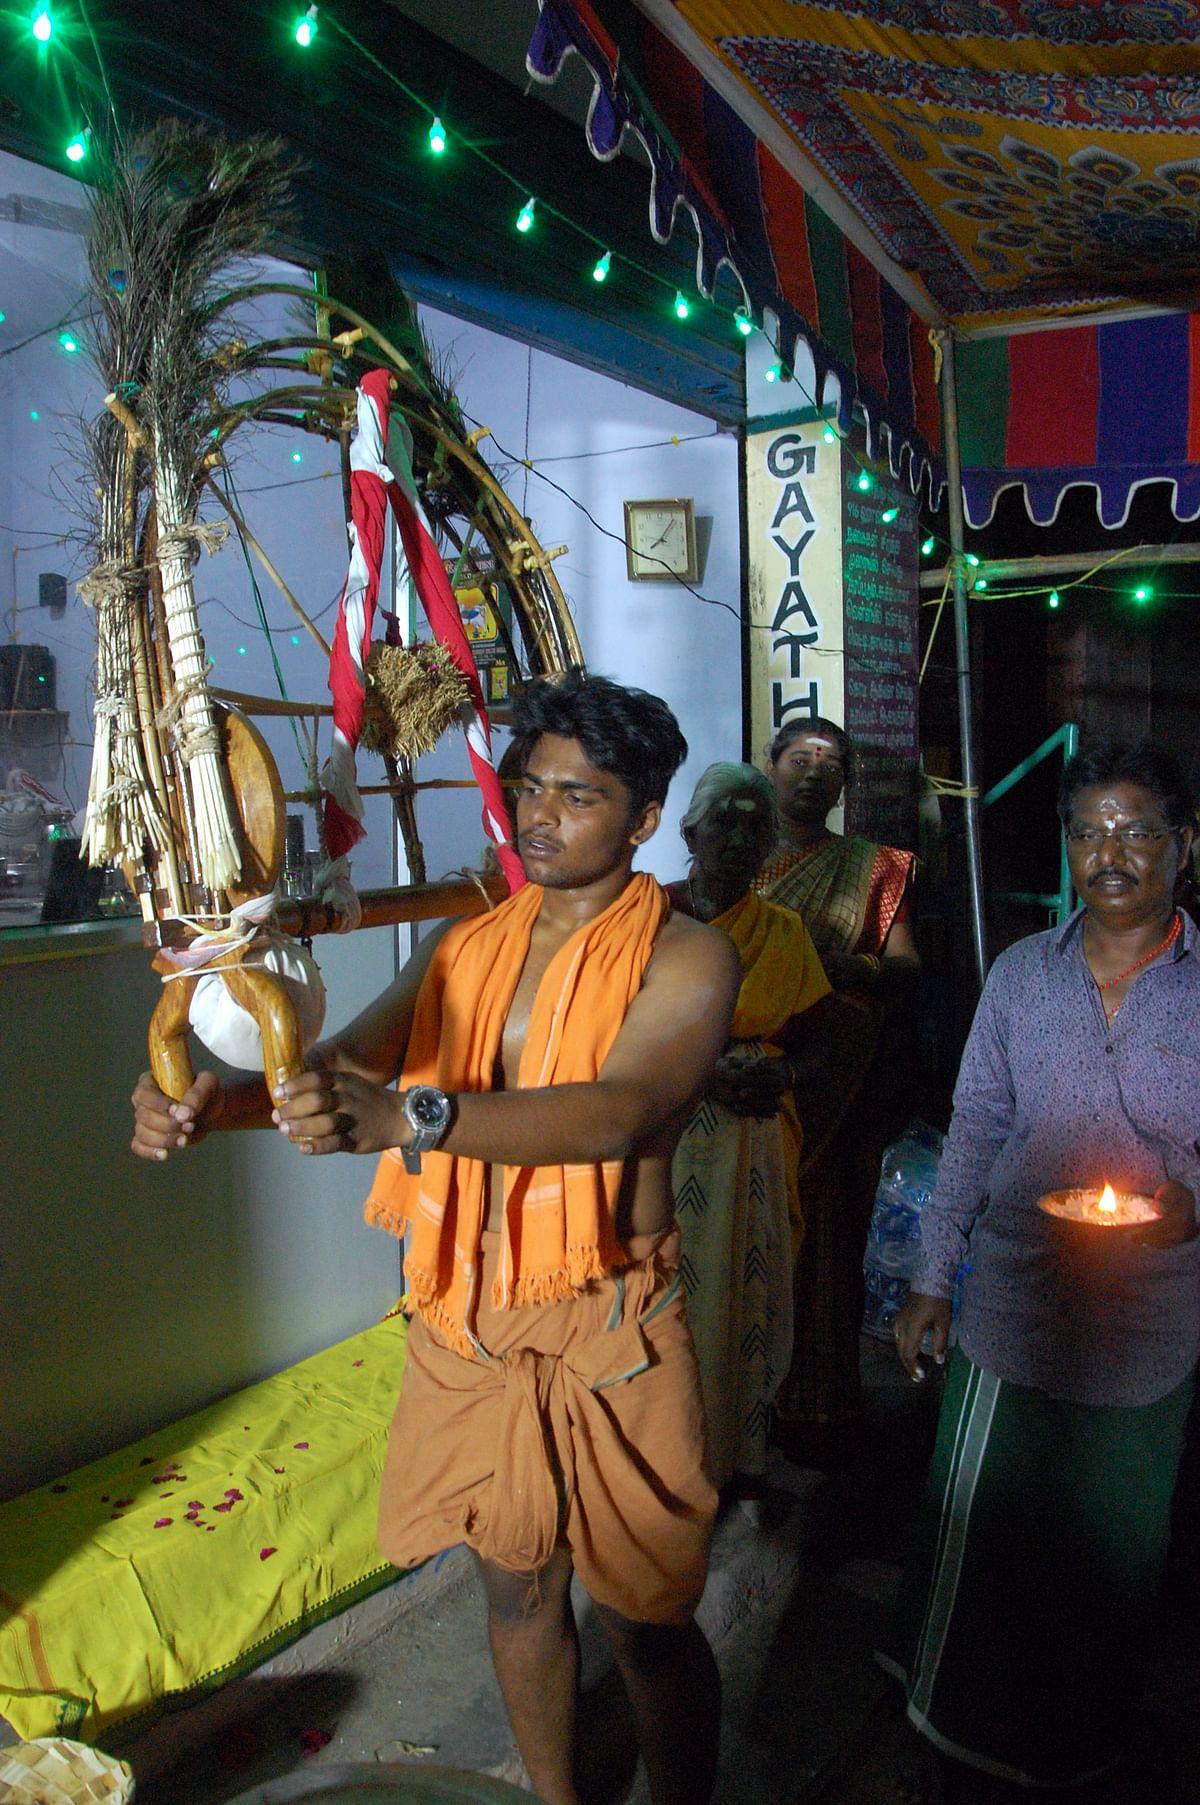 பூஜை, உபசரிப்புகளுக்கு பின்னர் மீண்டும்  காவடியை சுமந்து பயணிக்கும் பக்தர்.